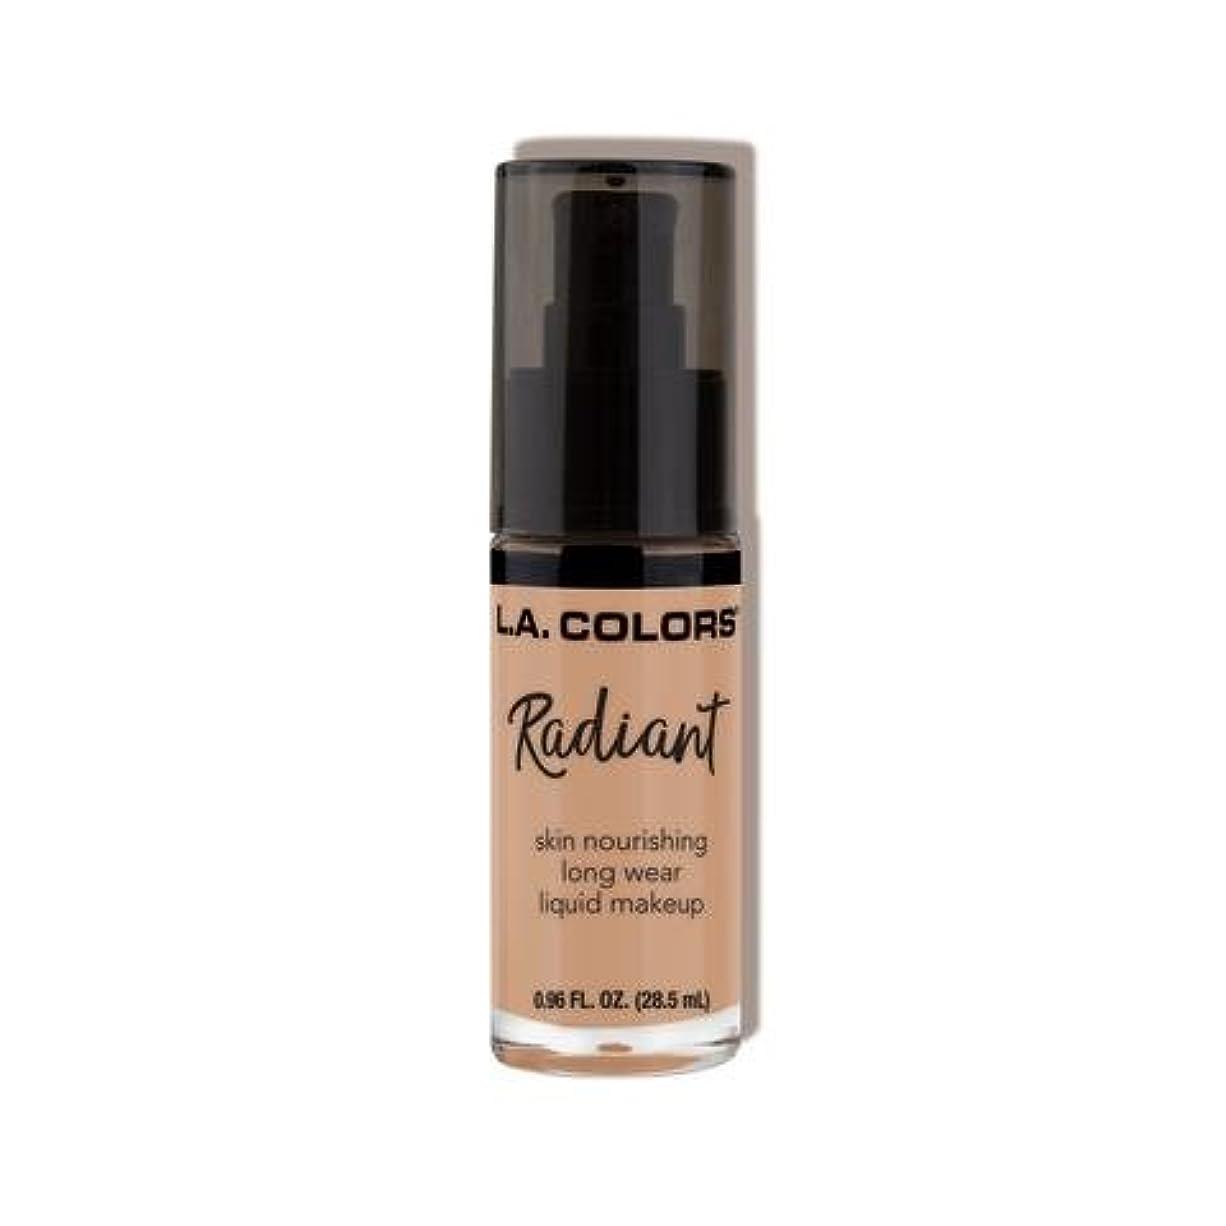 四面体食事シガレット(6 Pack) L.A. COLORS Radiant Liquid Makeup - Medium Tan (並行輸入品)